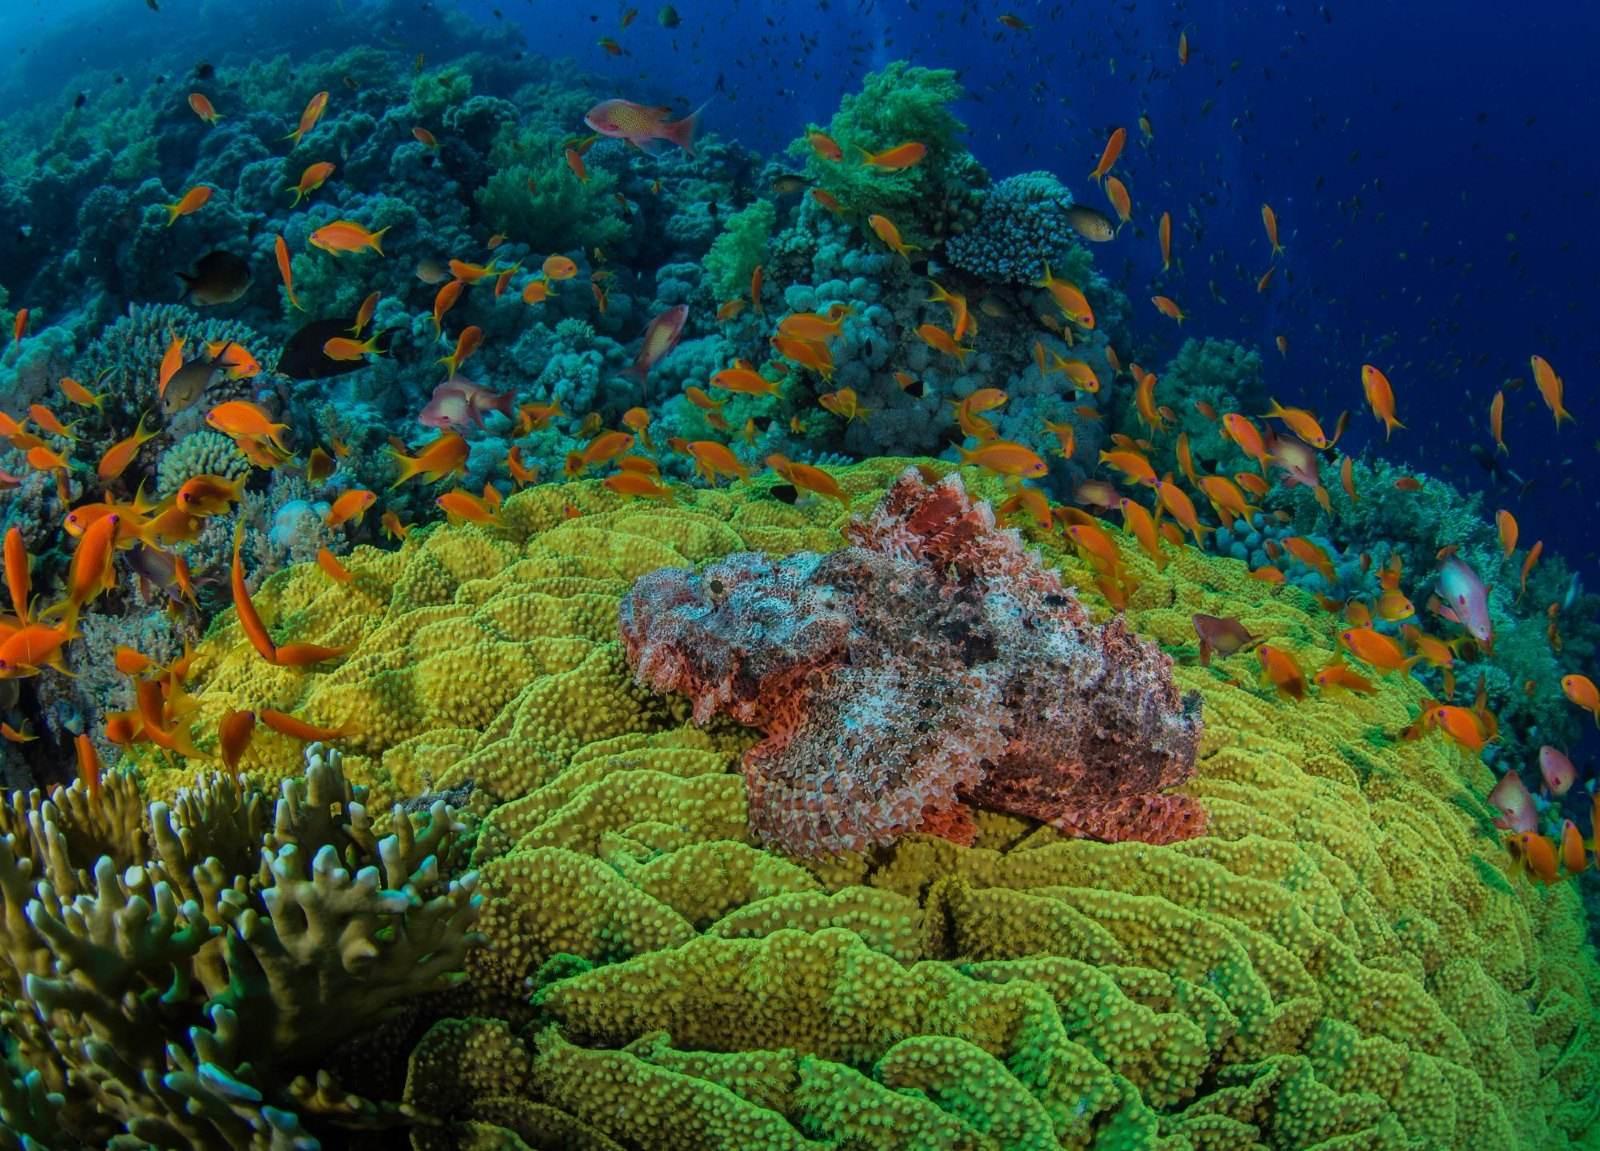 极端高温造成大堡礁大规模白化 需遏制未来气候变暖